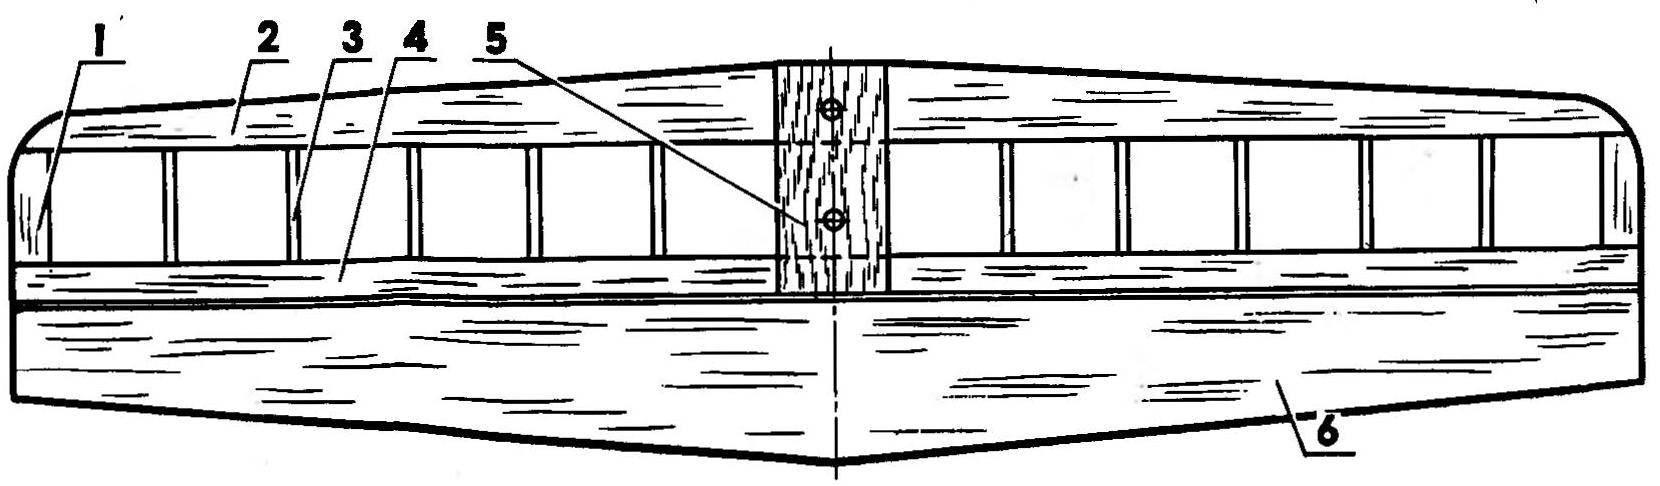 Р и с. 3. Стабилизатор с рулем